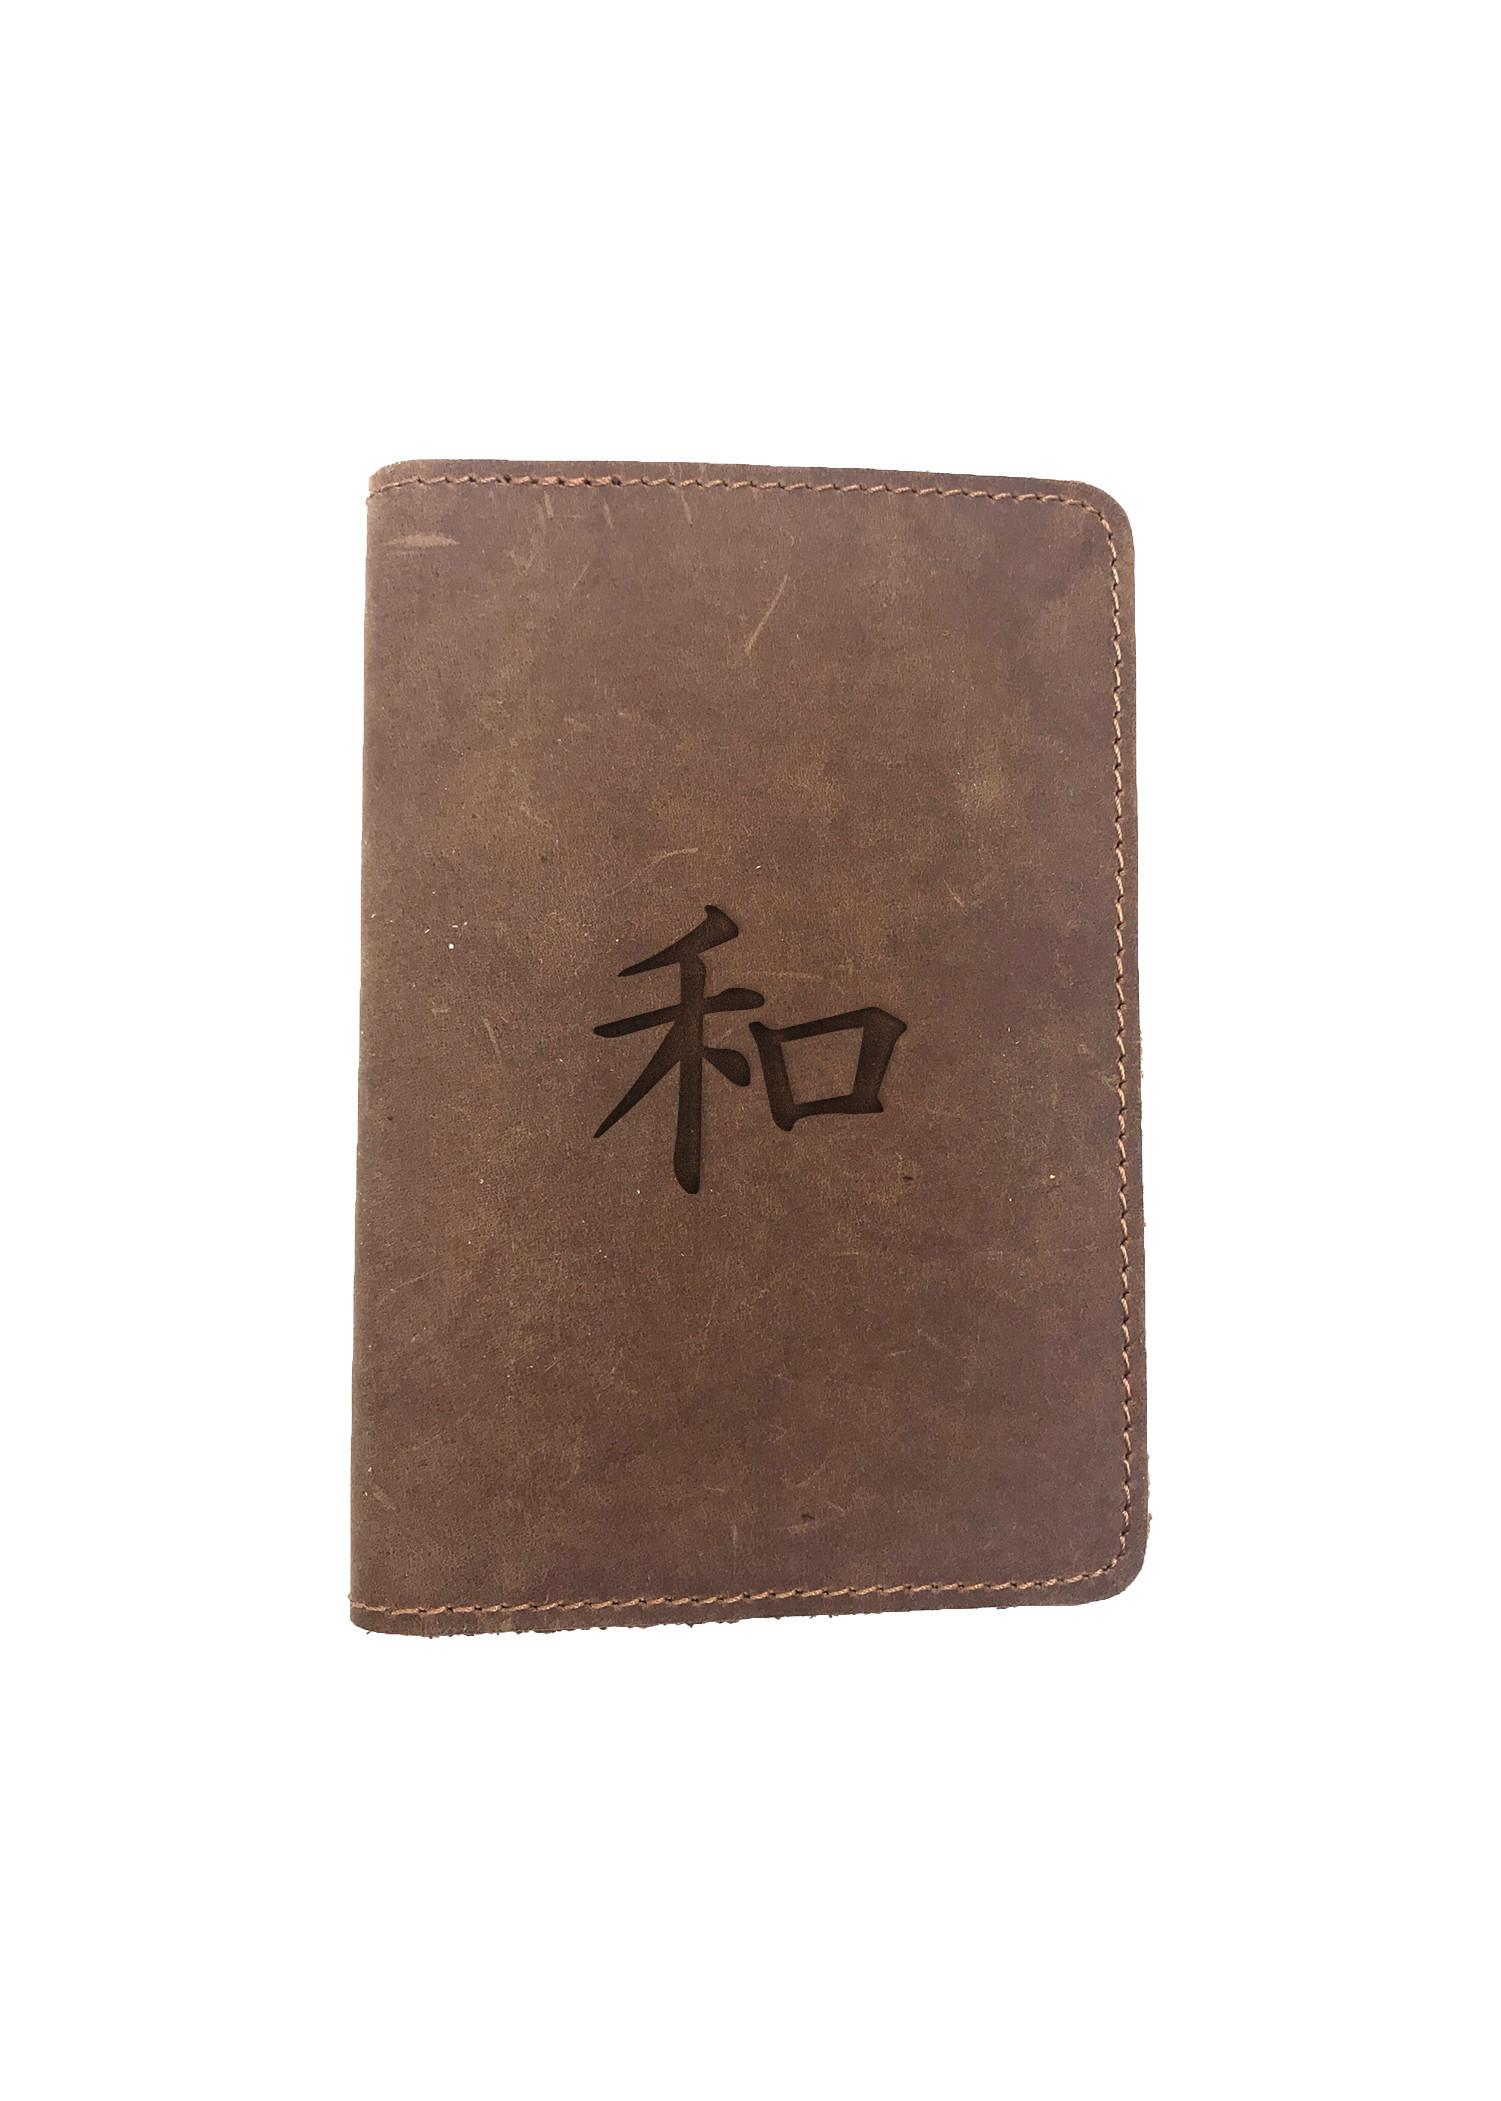 Passport Cover Bao Da Hộ Chiếu Da Sáp Khắc Hình Chữ PEACE KANJI (BROWN)